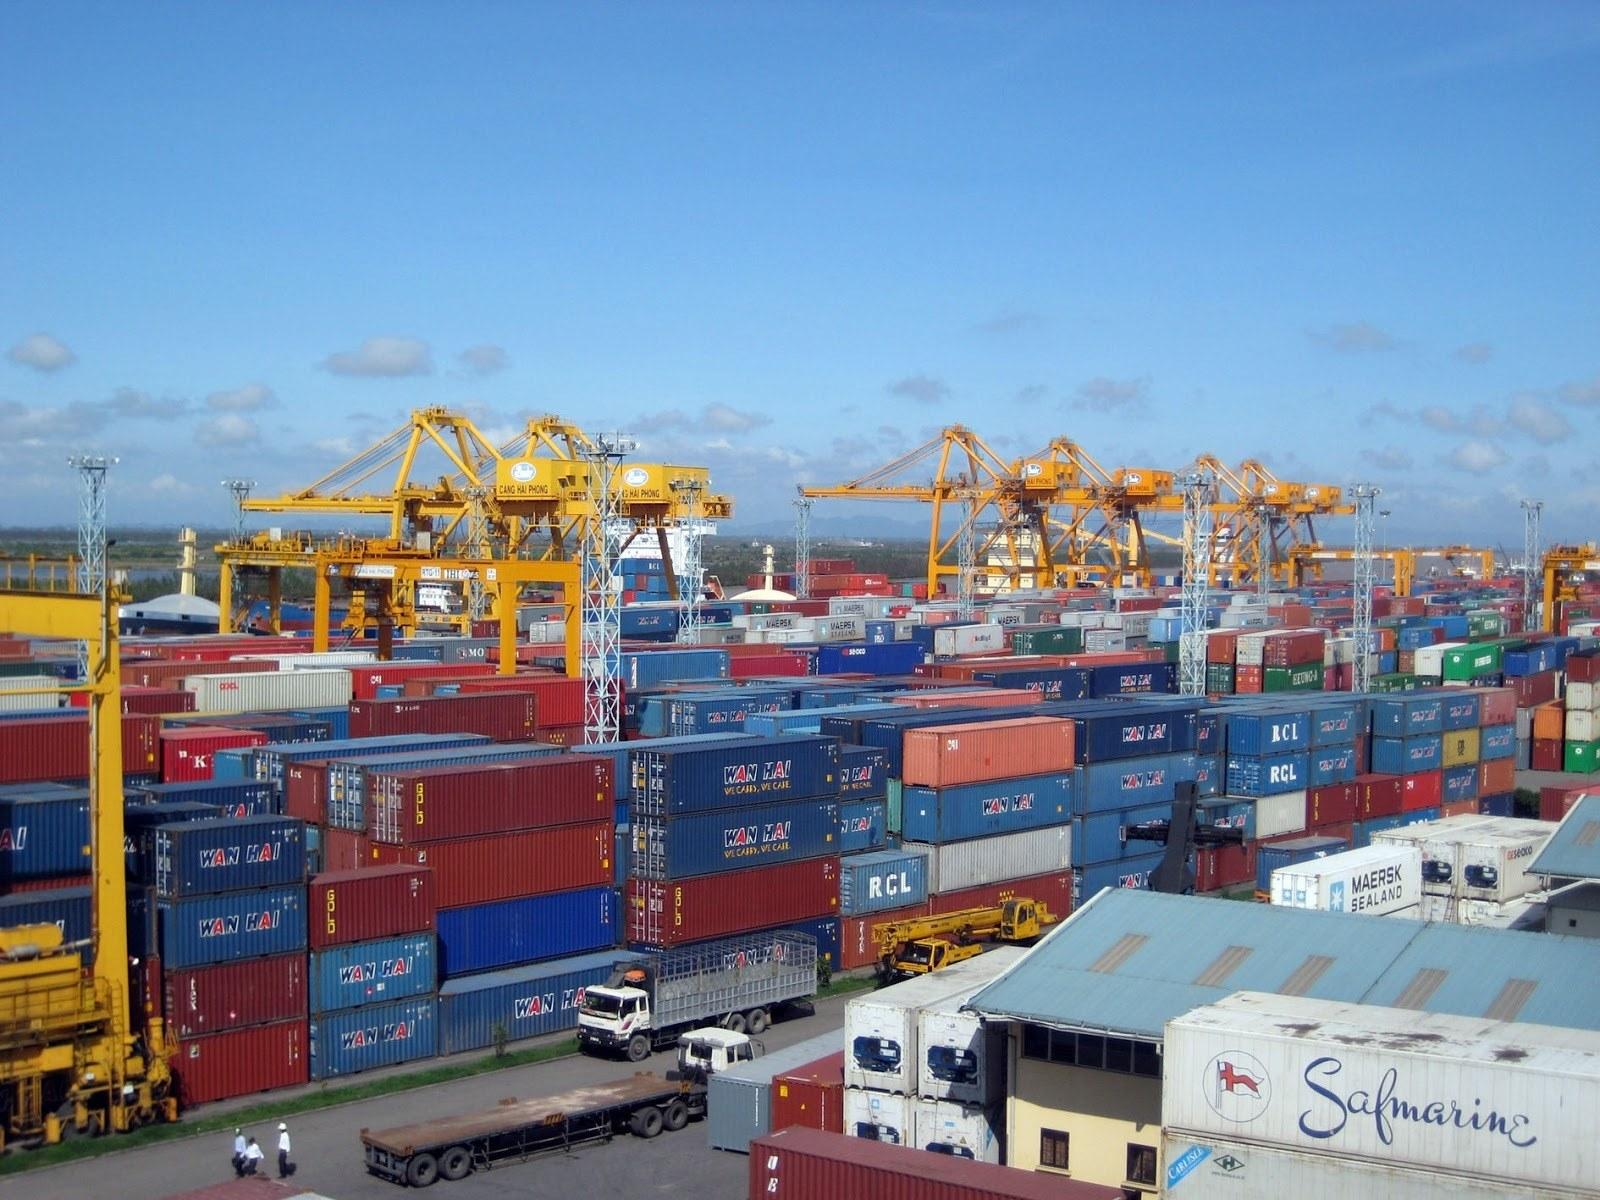 Tân cảng Sài Gòn bán đấu giá gần 300 vỏ container rỗng